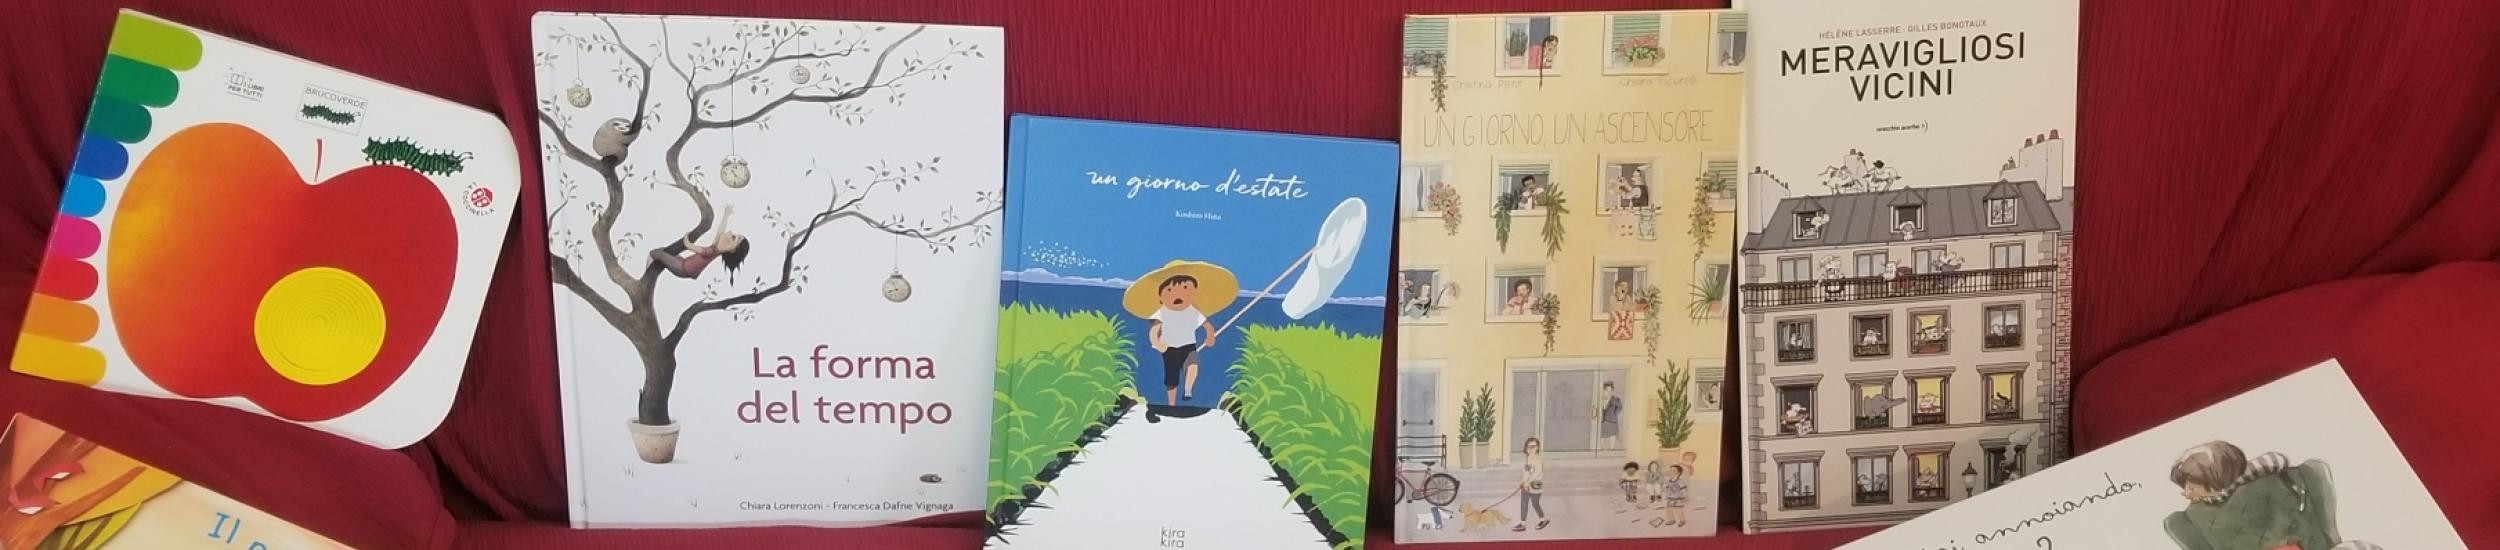 i 10 libri finalisti